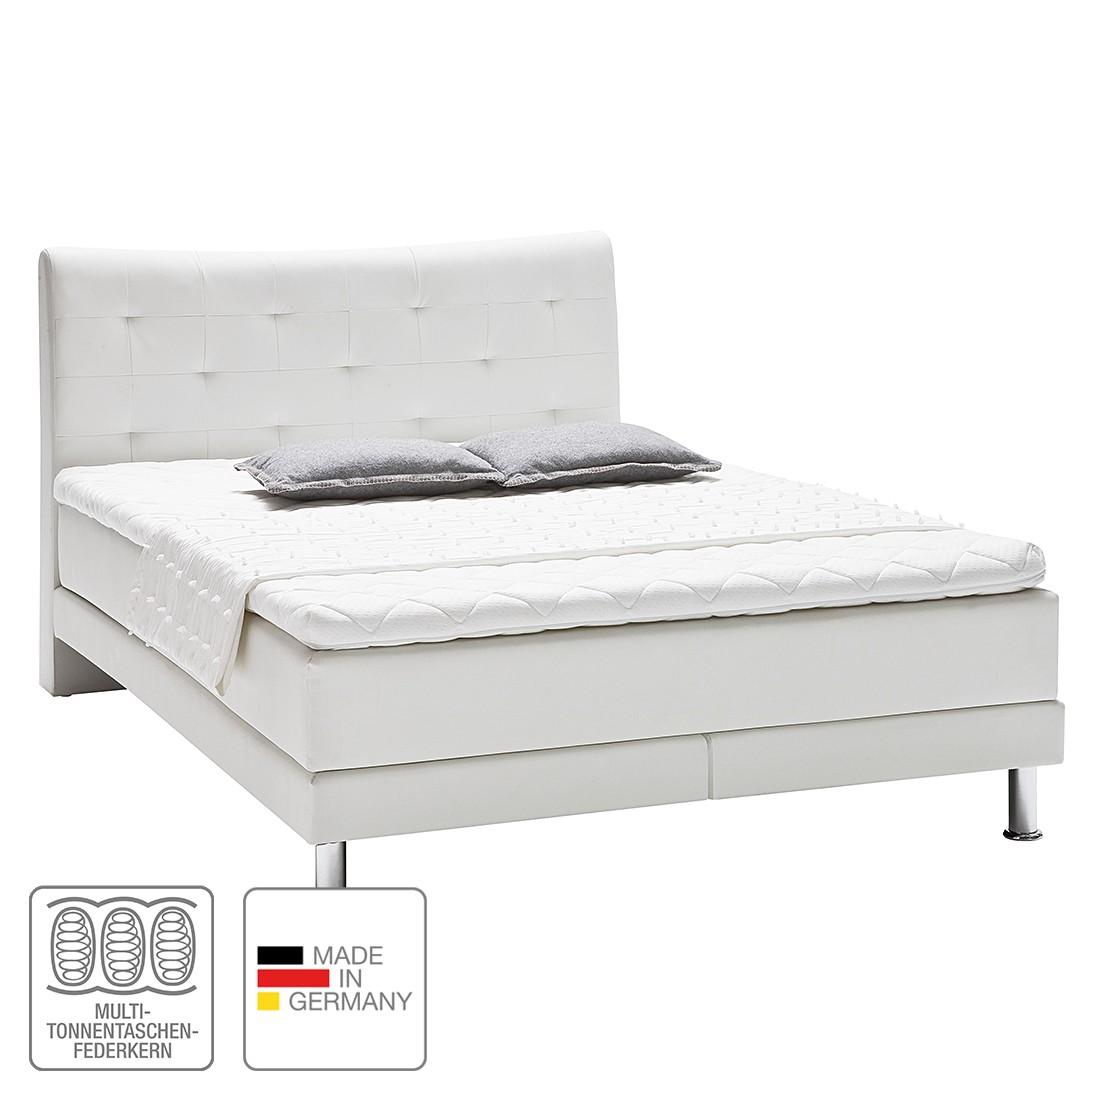 Boxspringbett Vega – Kunstleder – 180 x 200cm – H2 bis 80 kg – Komfortschaum – Multi-Tonnentaschenfederkernmatratze – Weiß, meise.möbel bestellen